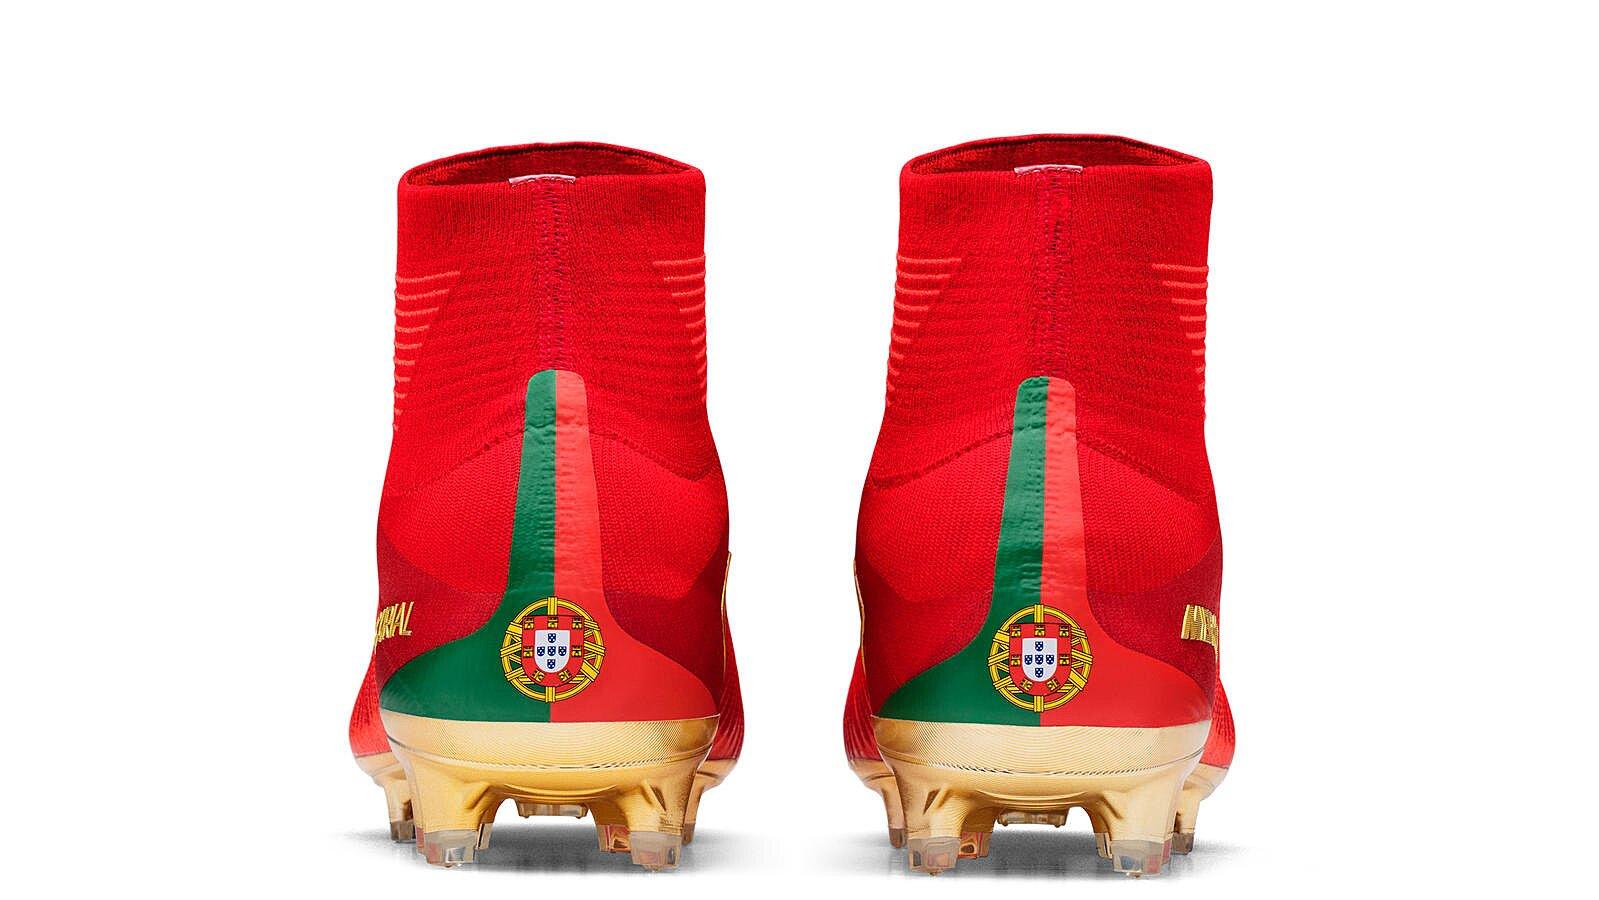 be991b266c5 Cristiano Ronaldo CR7 boots special designed (photos) | SI.com